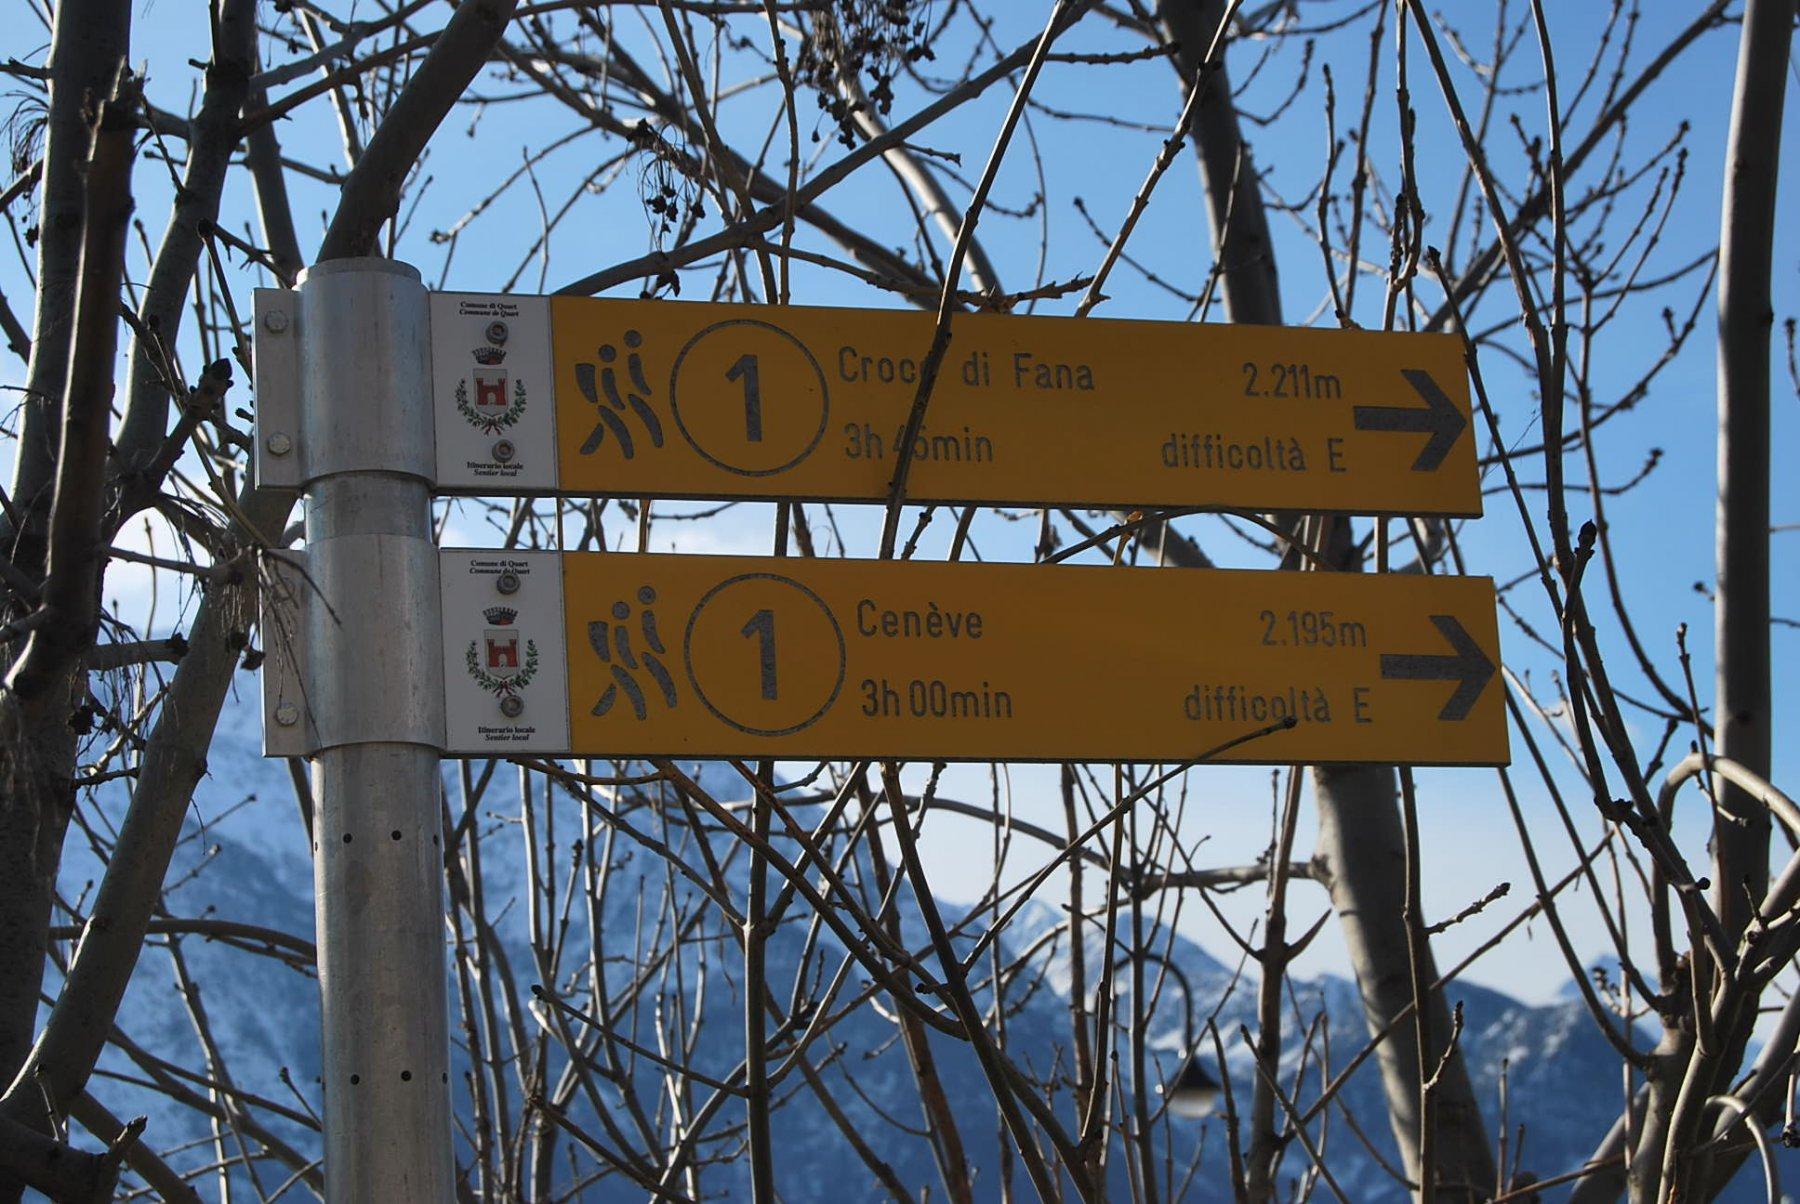 La palina a Morgonaz, all'imbocco della sterrata. Del sentiero 1 però ben poca evidenza.